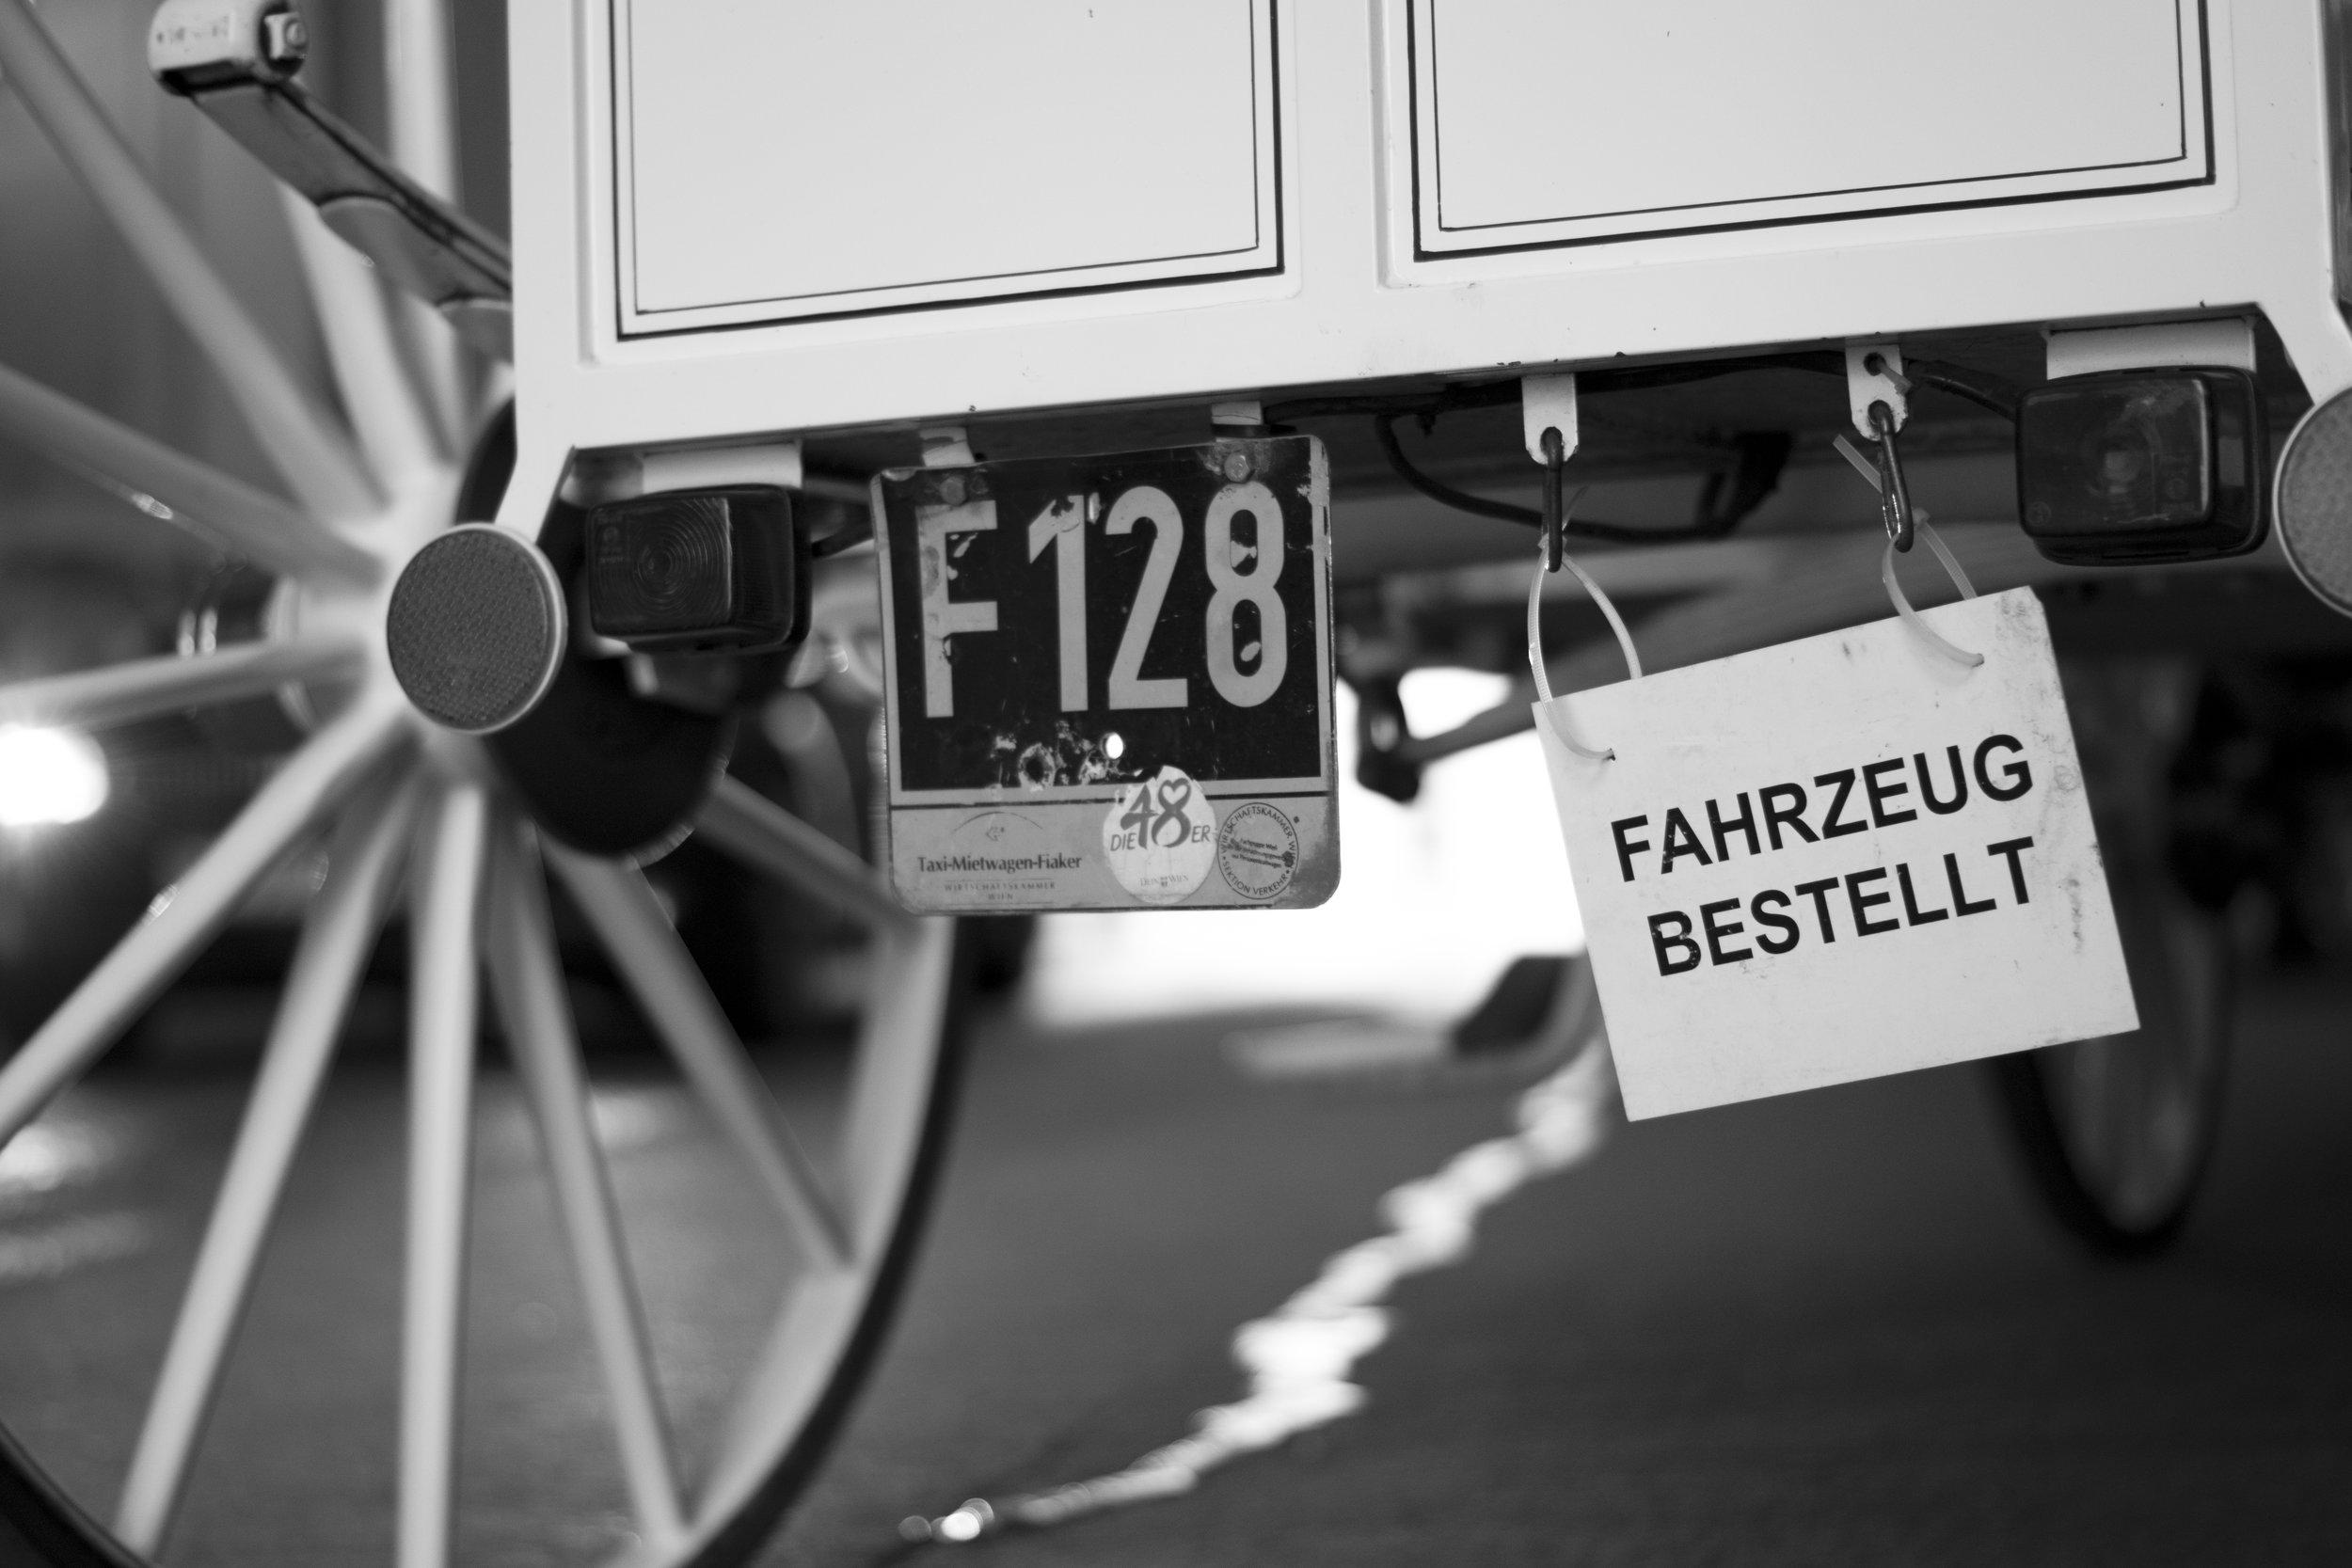 2018-07-16_Wien_picturesque-001.JPG